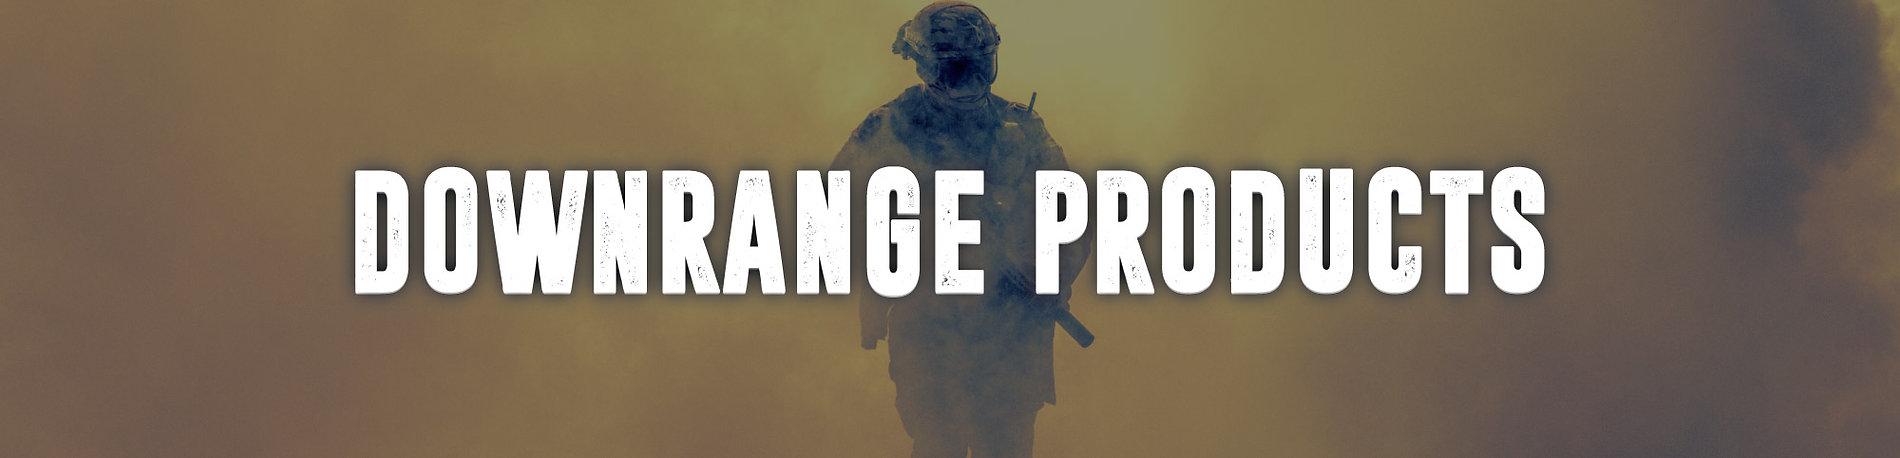 downrange-product-banner.jpg